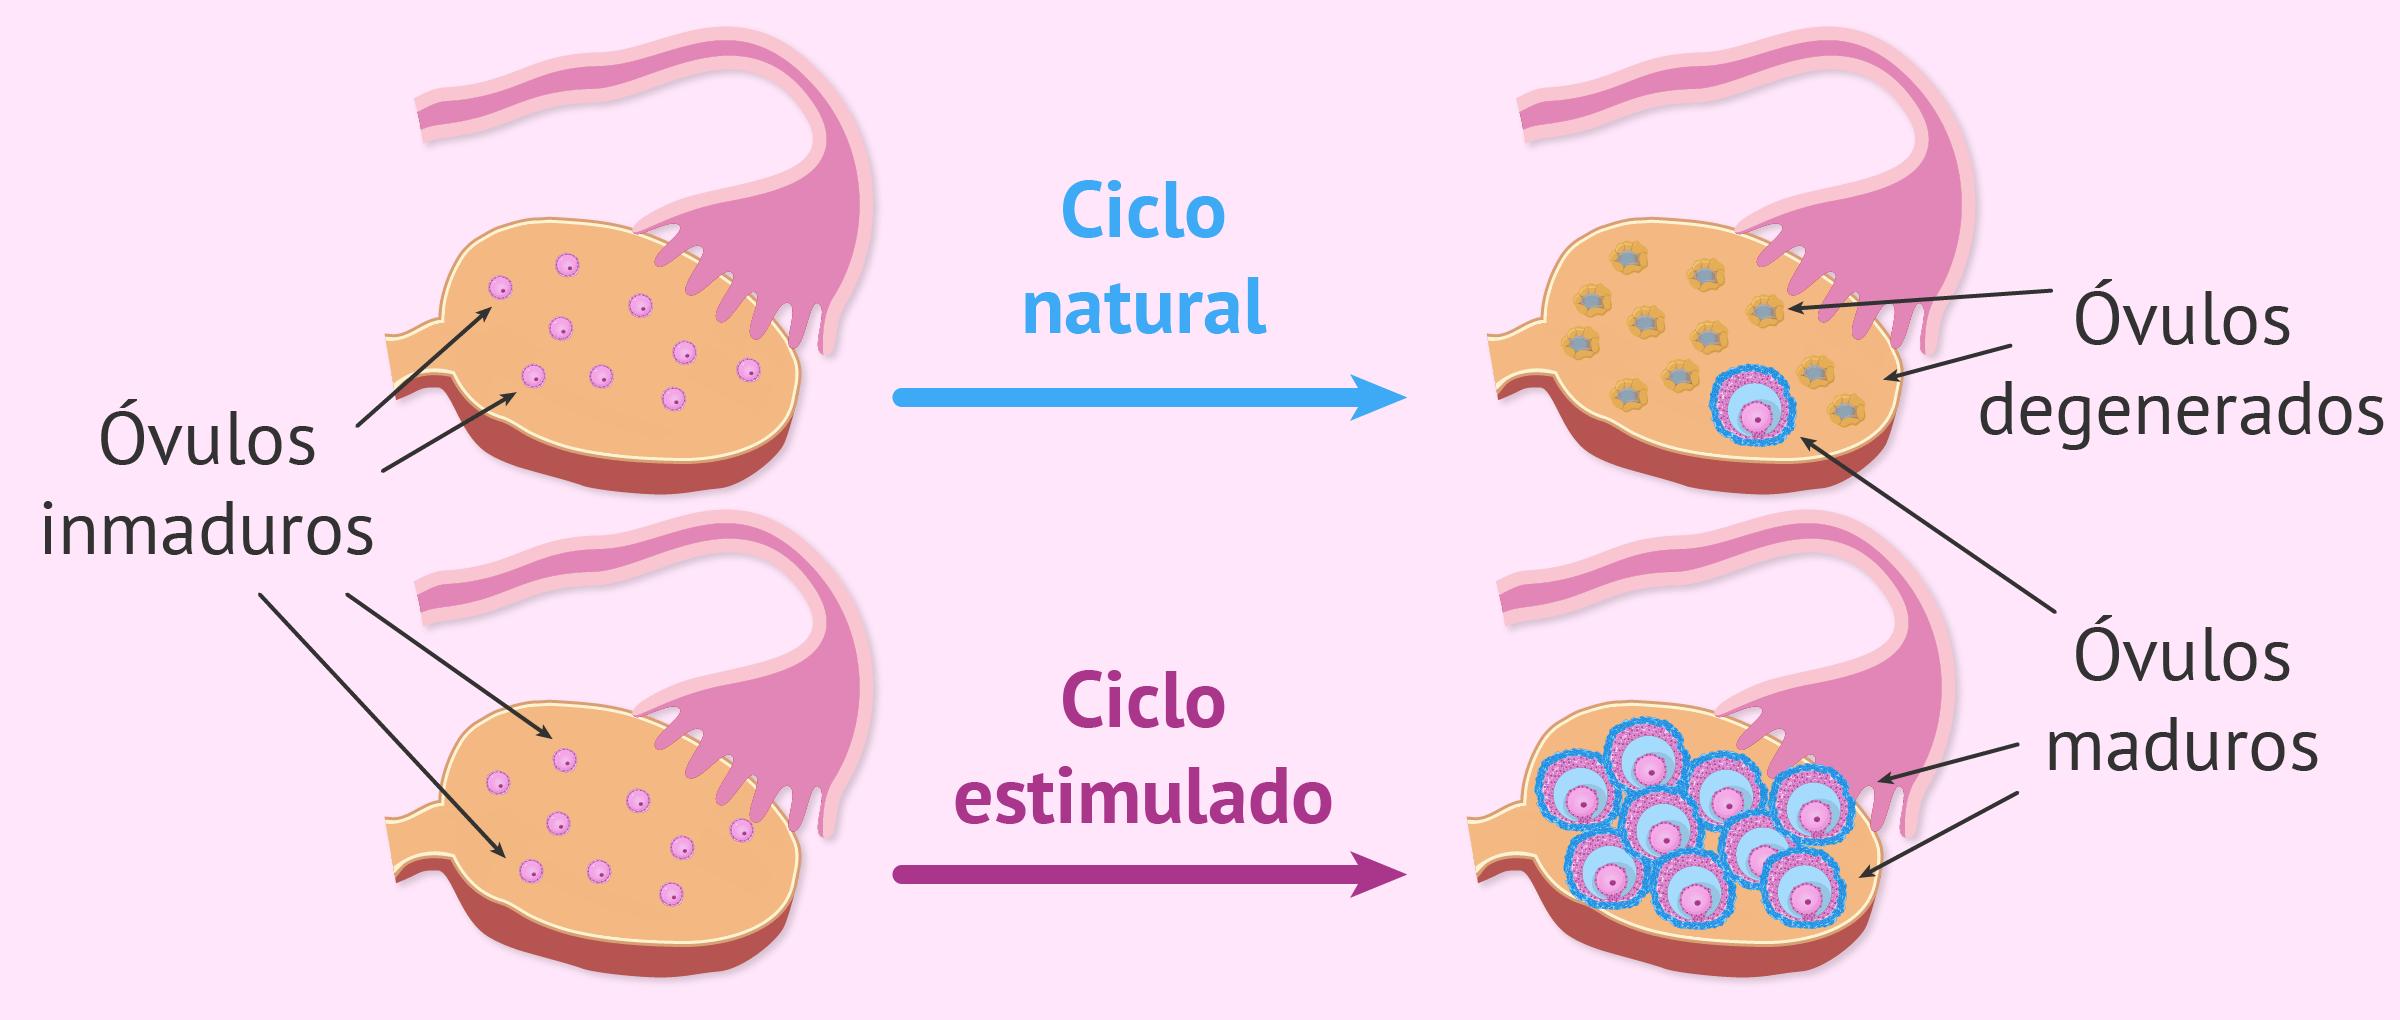 Medicamentos para la estimulación ovárica